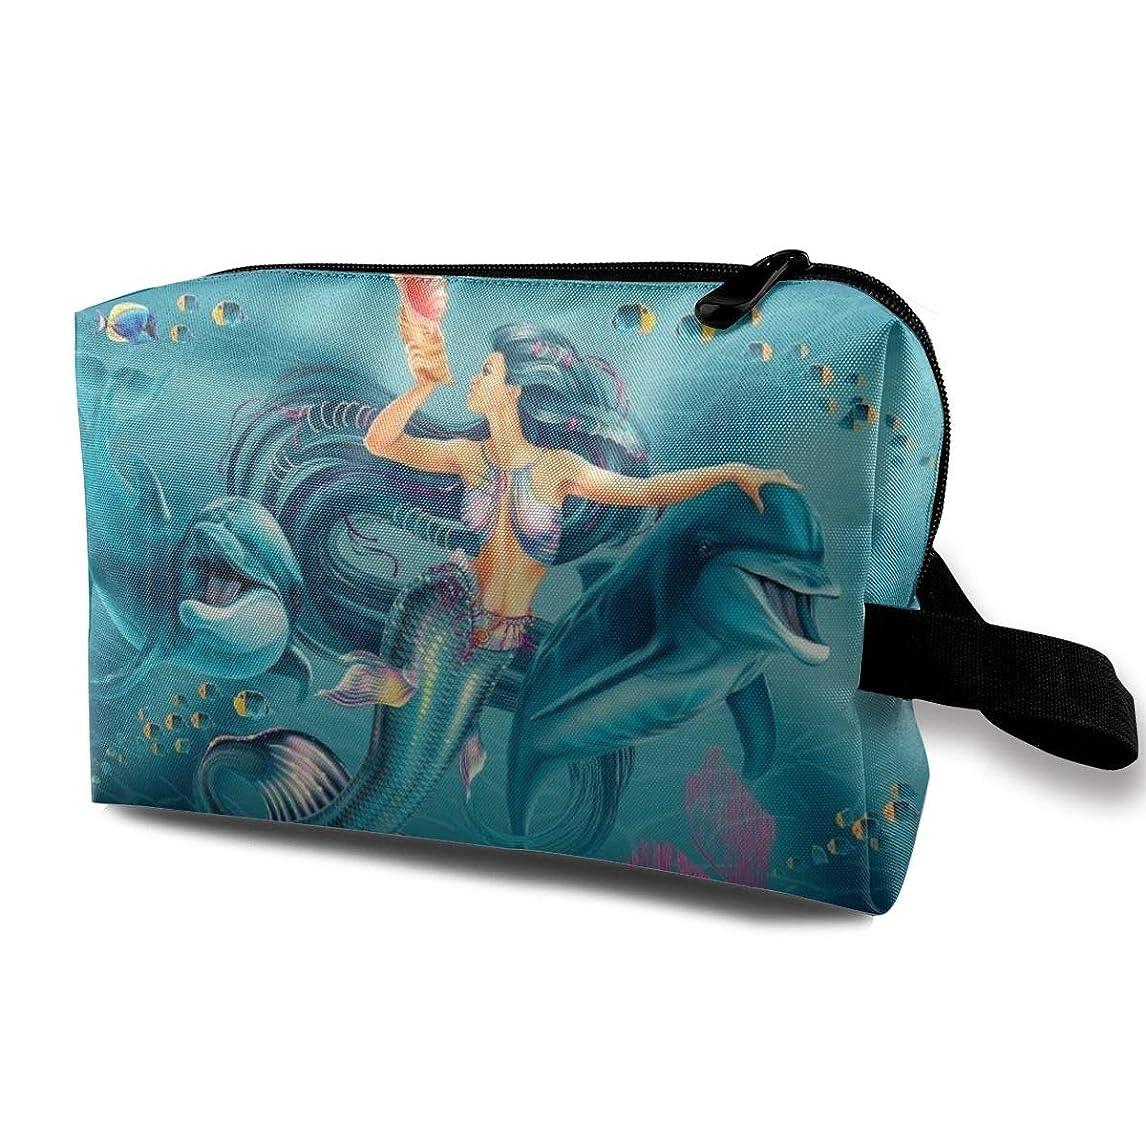 セクタ気晴らし仕様Cool Mermaid Queen And Fish In The Blue Sea 収納ポーチ 化粧ポーチ 大容量 軽量 耐久性 ハンドル付持ち運び便利。入れ 自宅?出張?旅行?アウトドア撮影などに対応。メンズ レディース トラベルグッズ